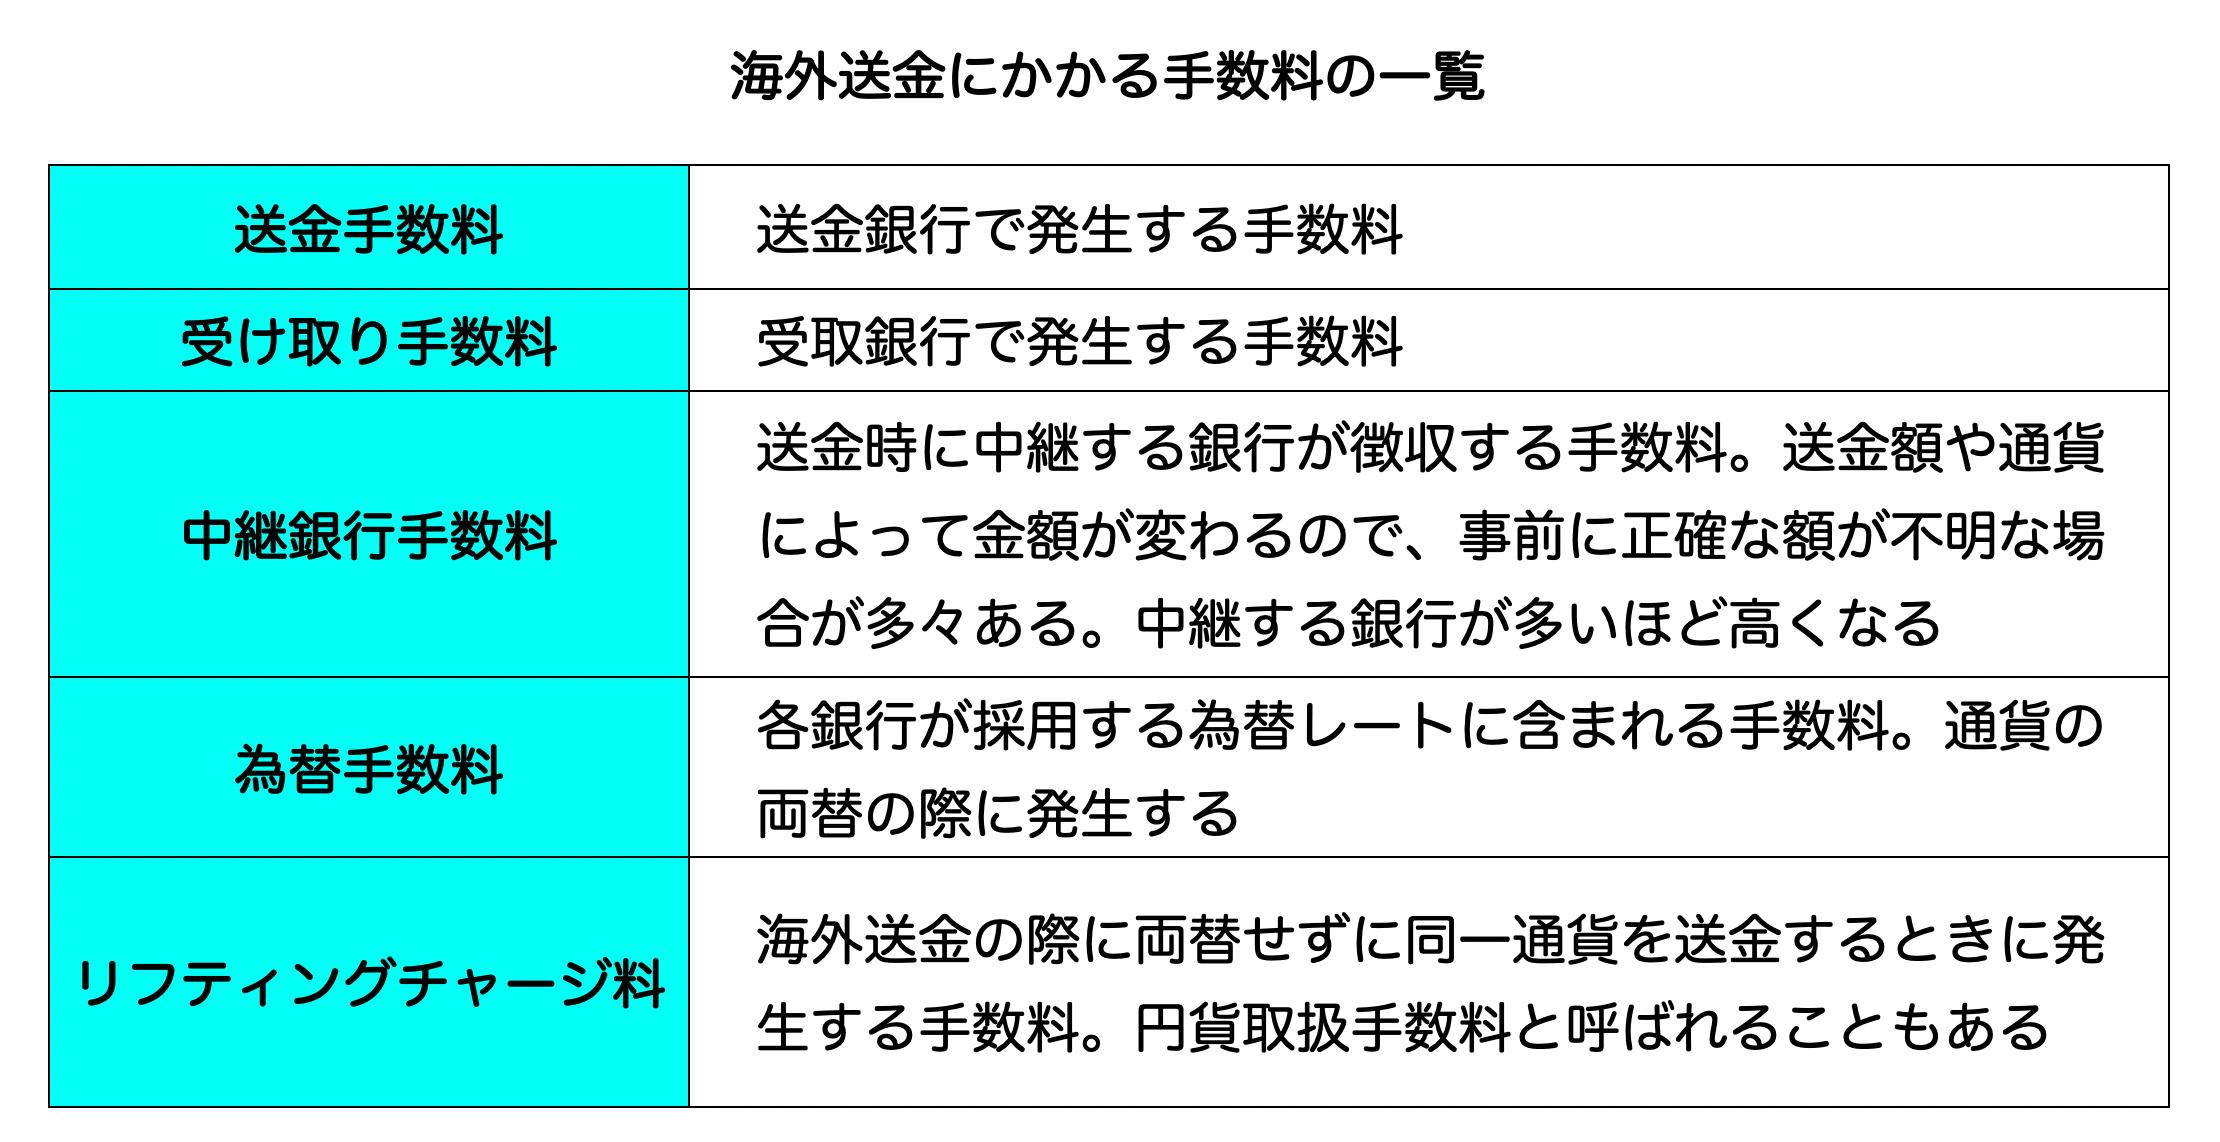 海外送金_02